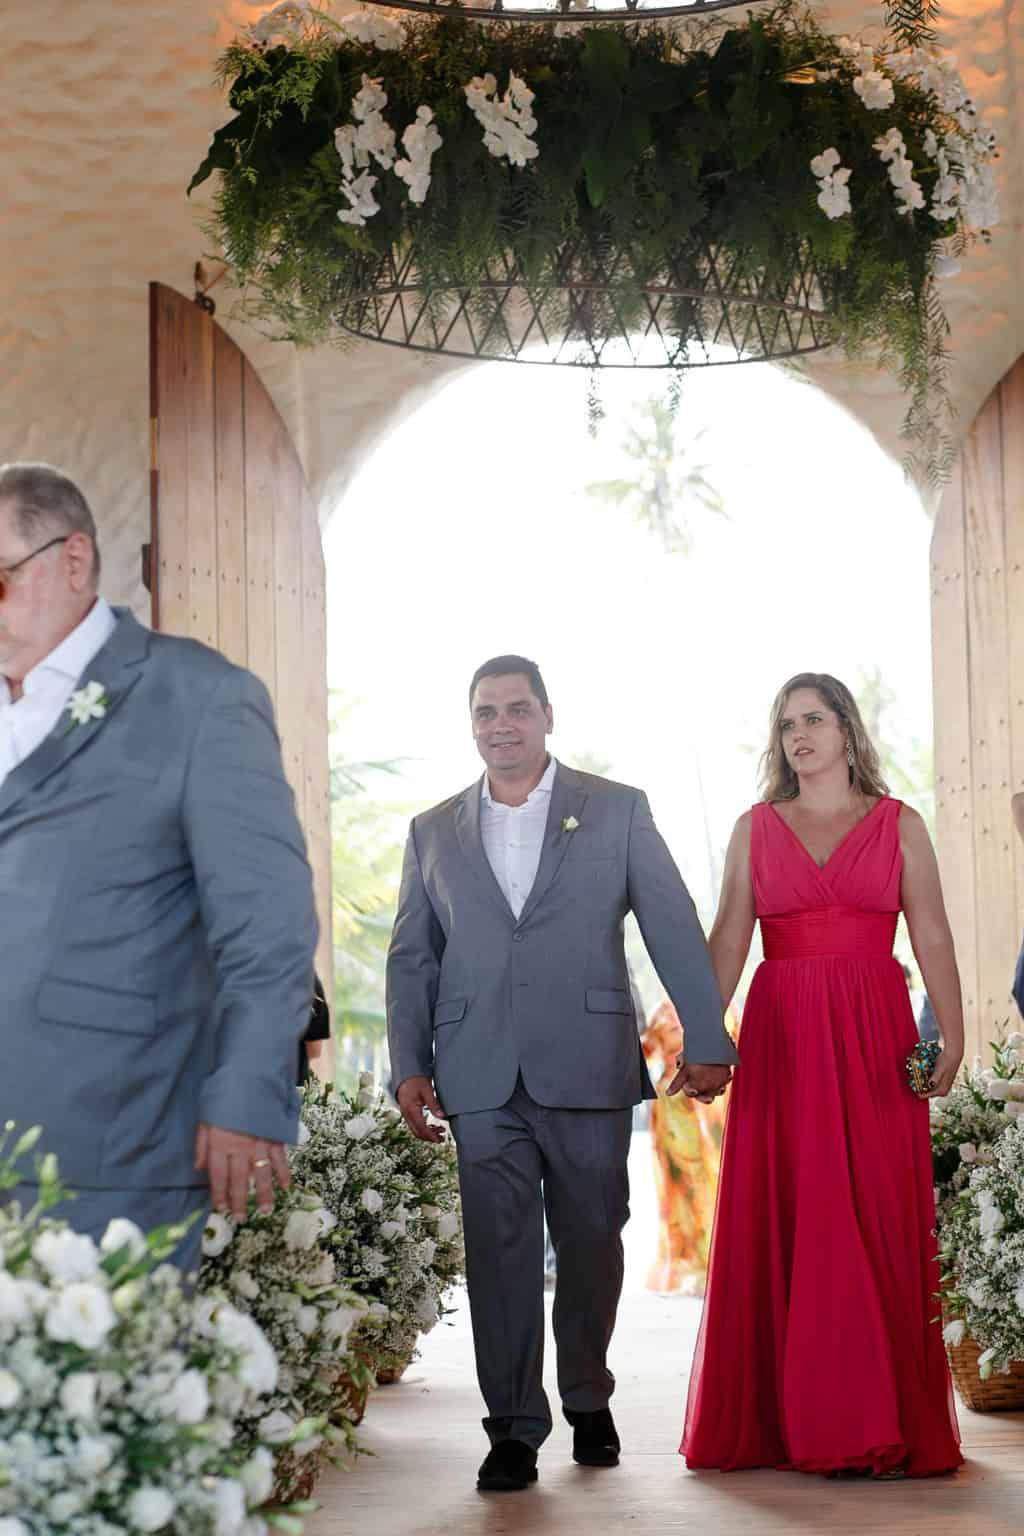 AL-Aline-e-Mauricio-capela-dos-milagres-casamento-casamento-na-praia-cortejo-madrinhas-padrinhos56